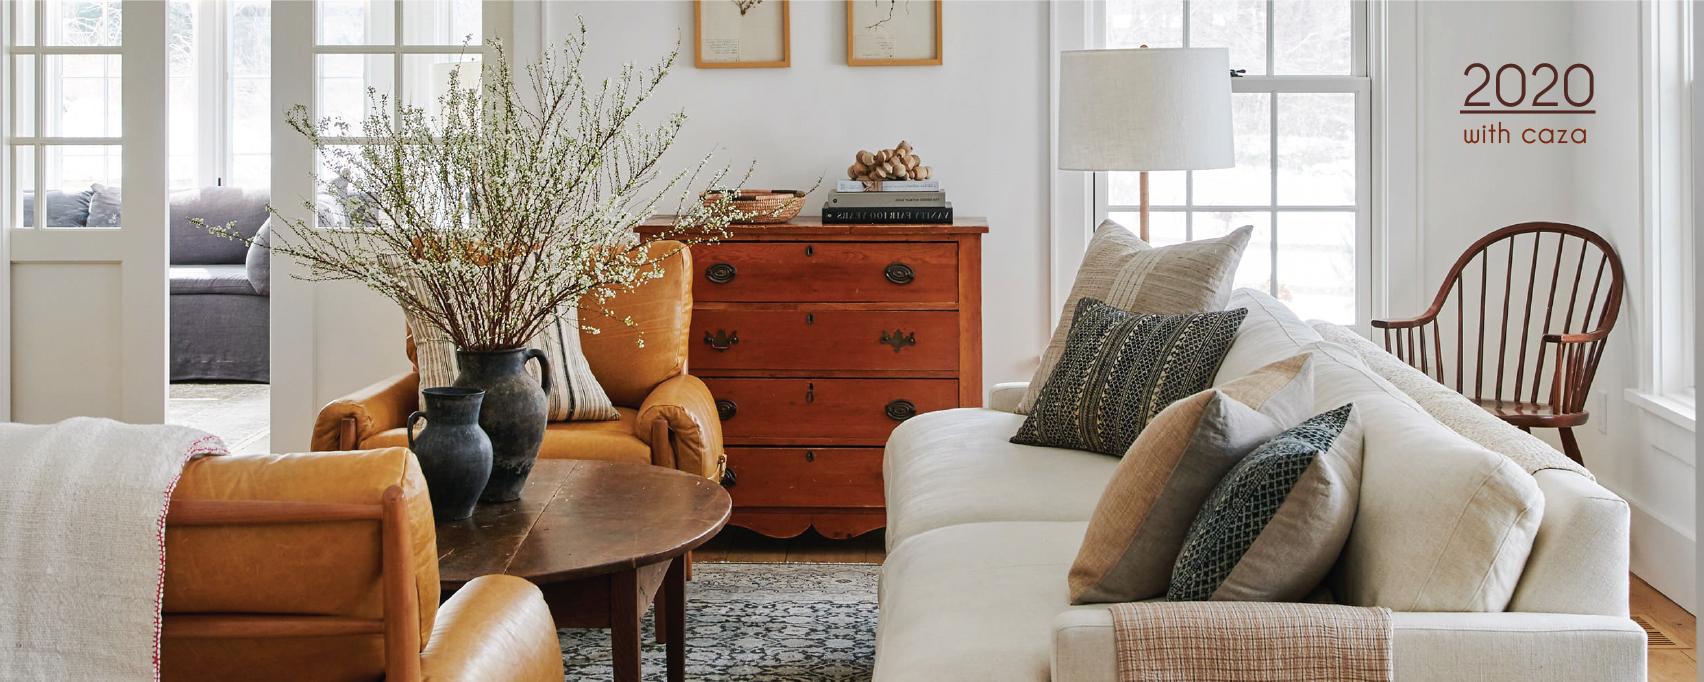 Chuyên trang mua sắm và trang trí nội thất - Caza.vn